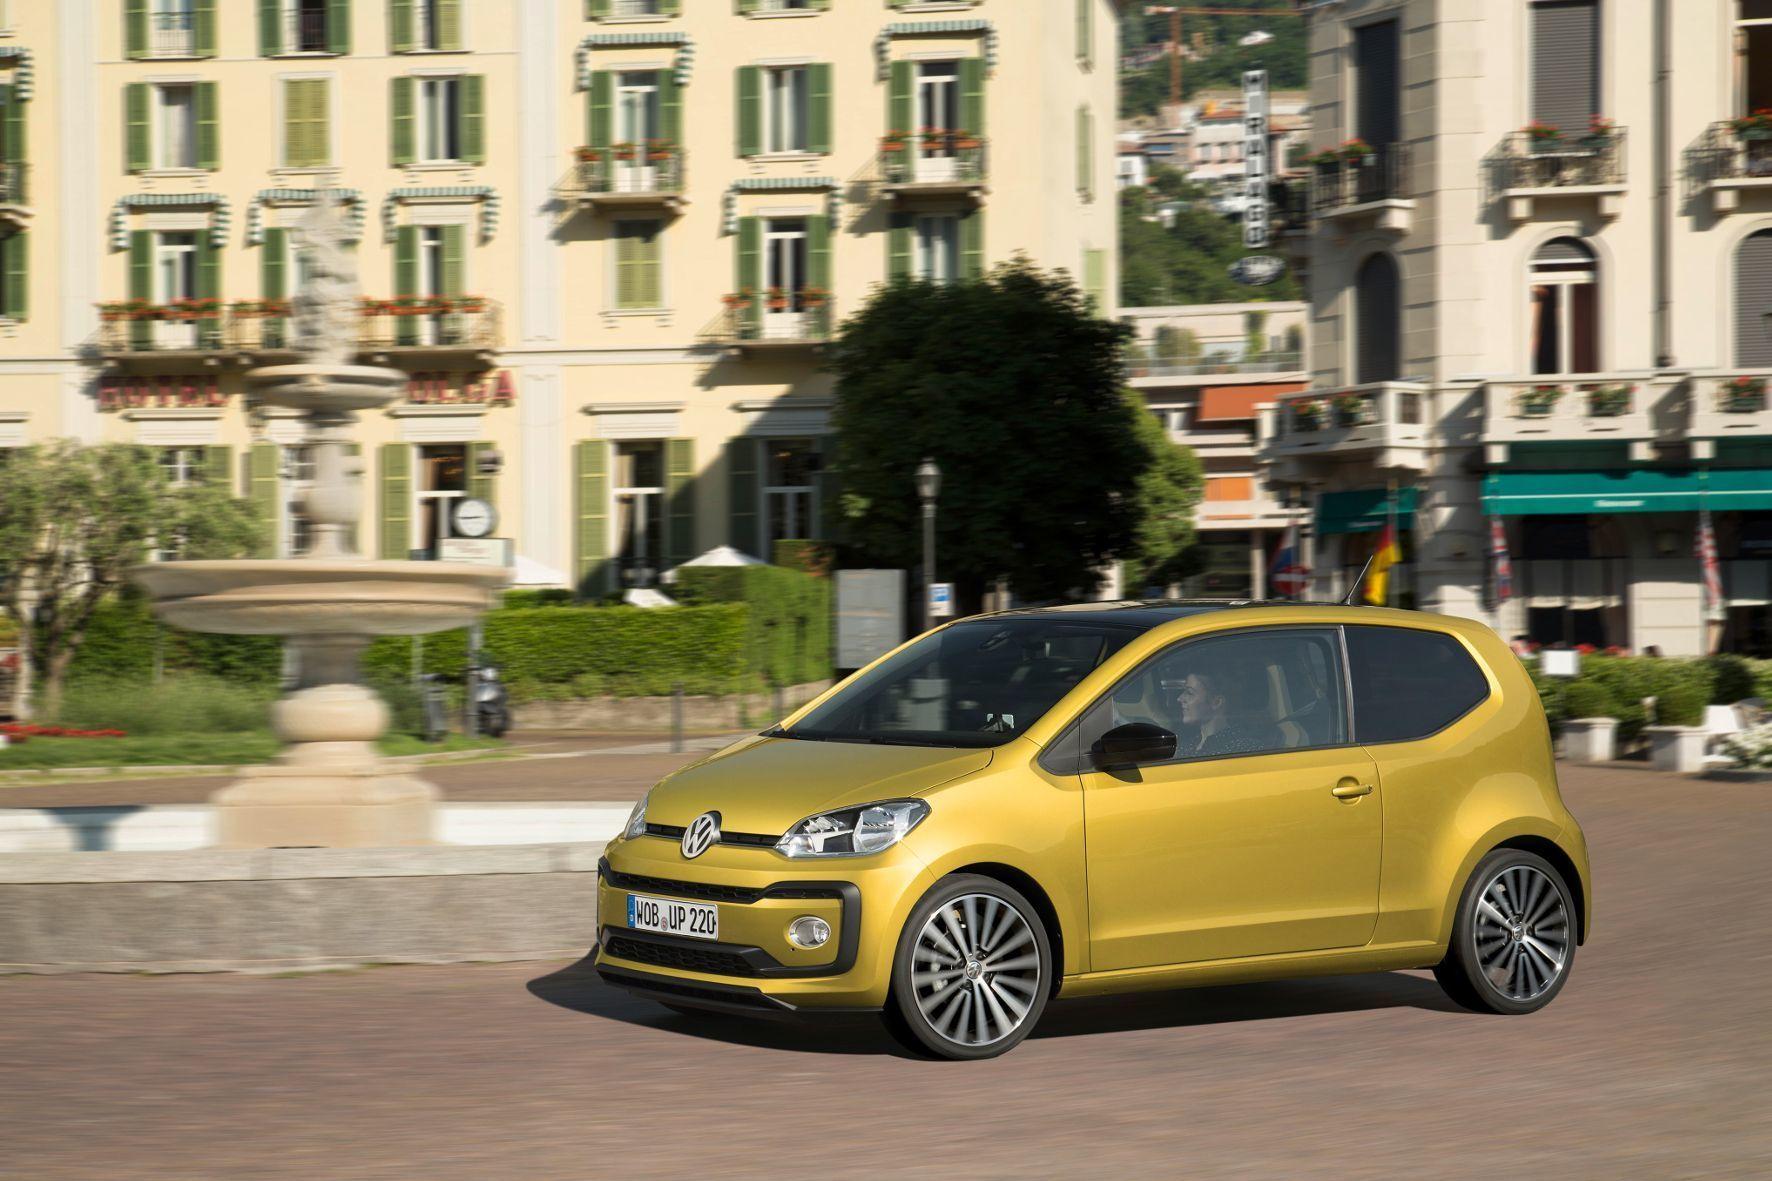 mid Mailand - Fröhlicher Bursche: Der VW up! kommt mit neuer Nase sowie Heck, 13 Außenfarben, drei Dachfarben und zehn unterschiedlichen Armaturenbrett-Design-Varianten daher.